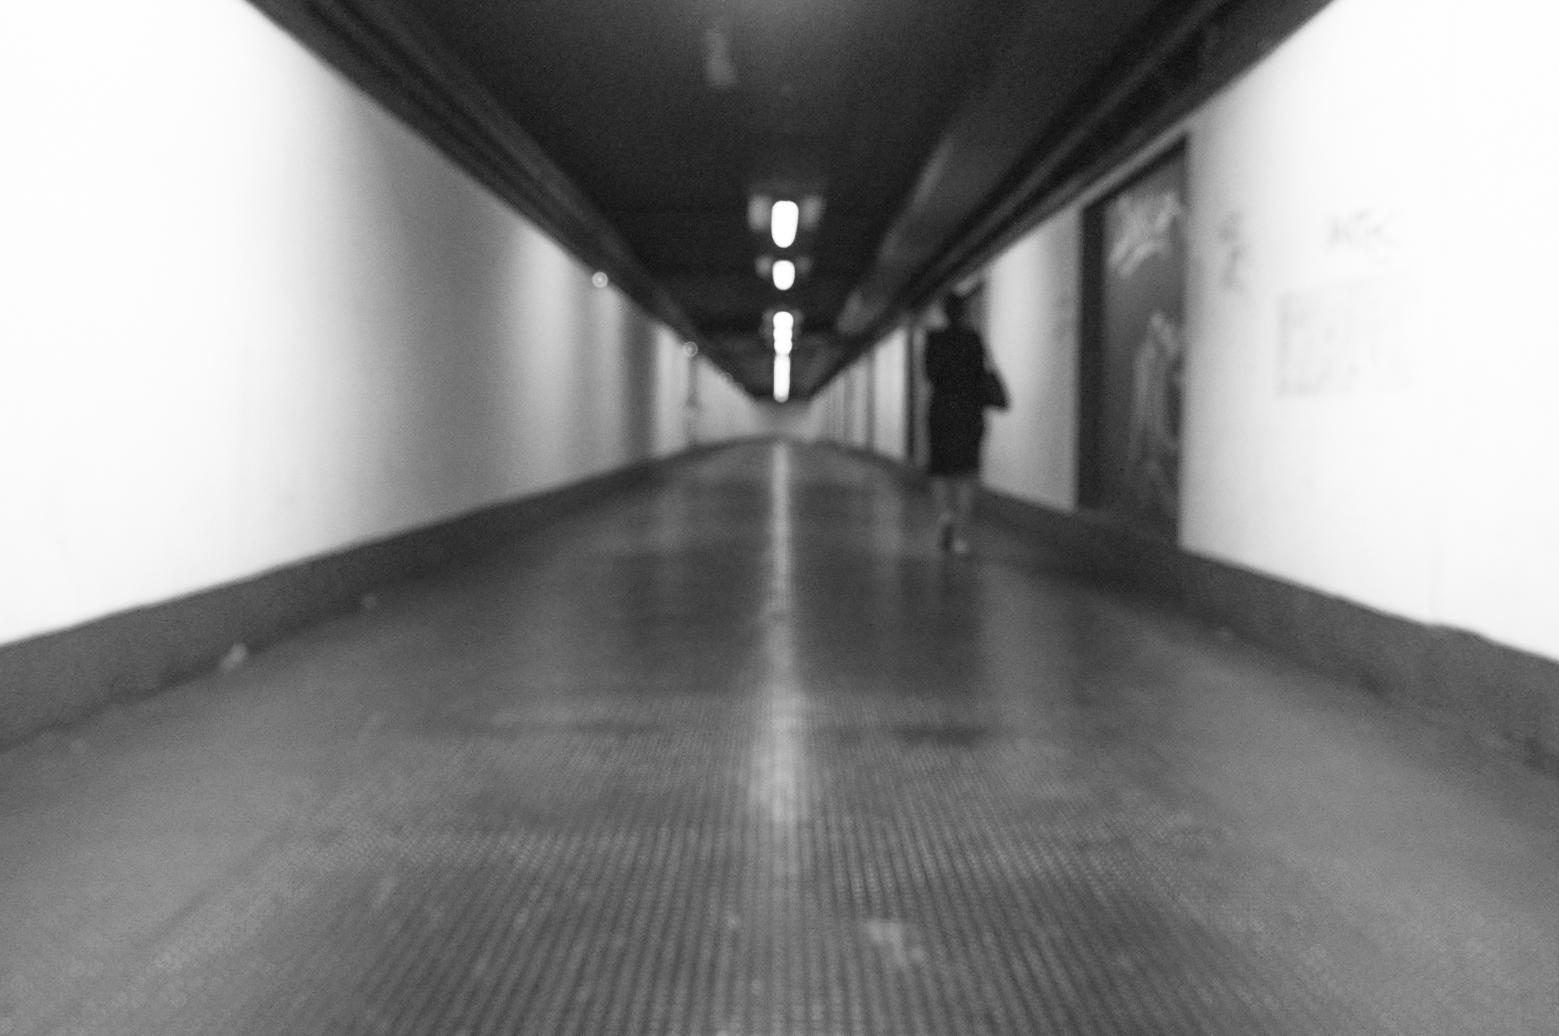 letzte Metro - Paris